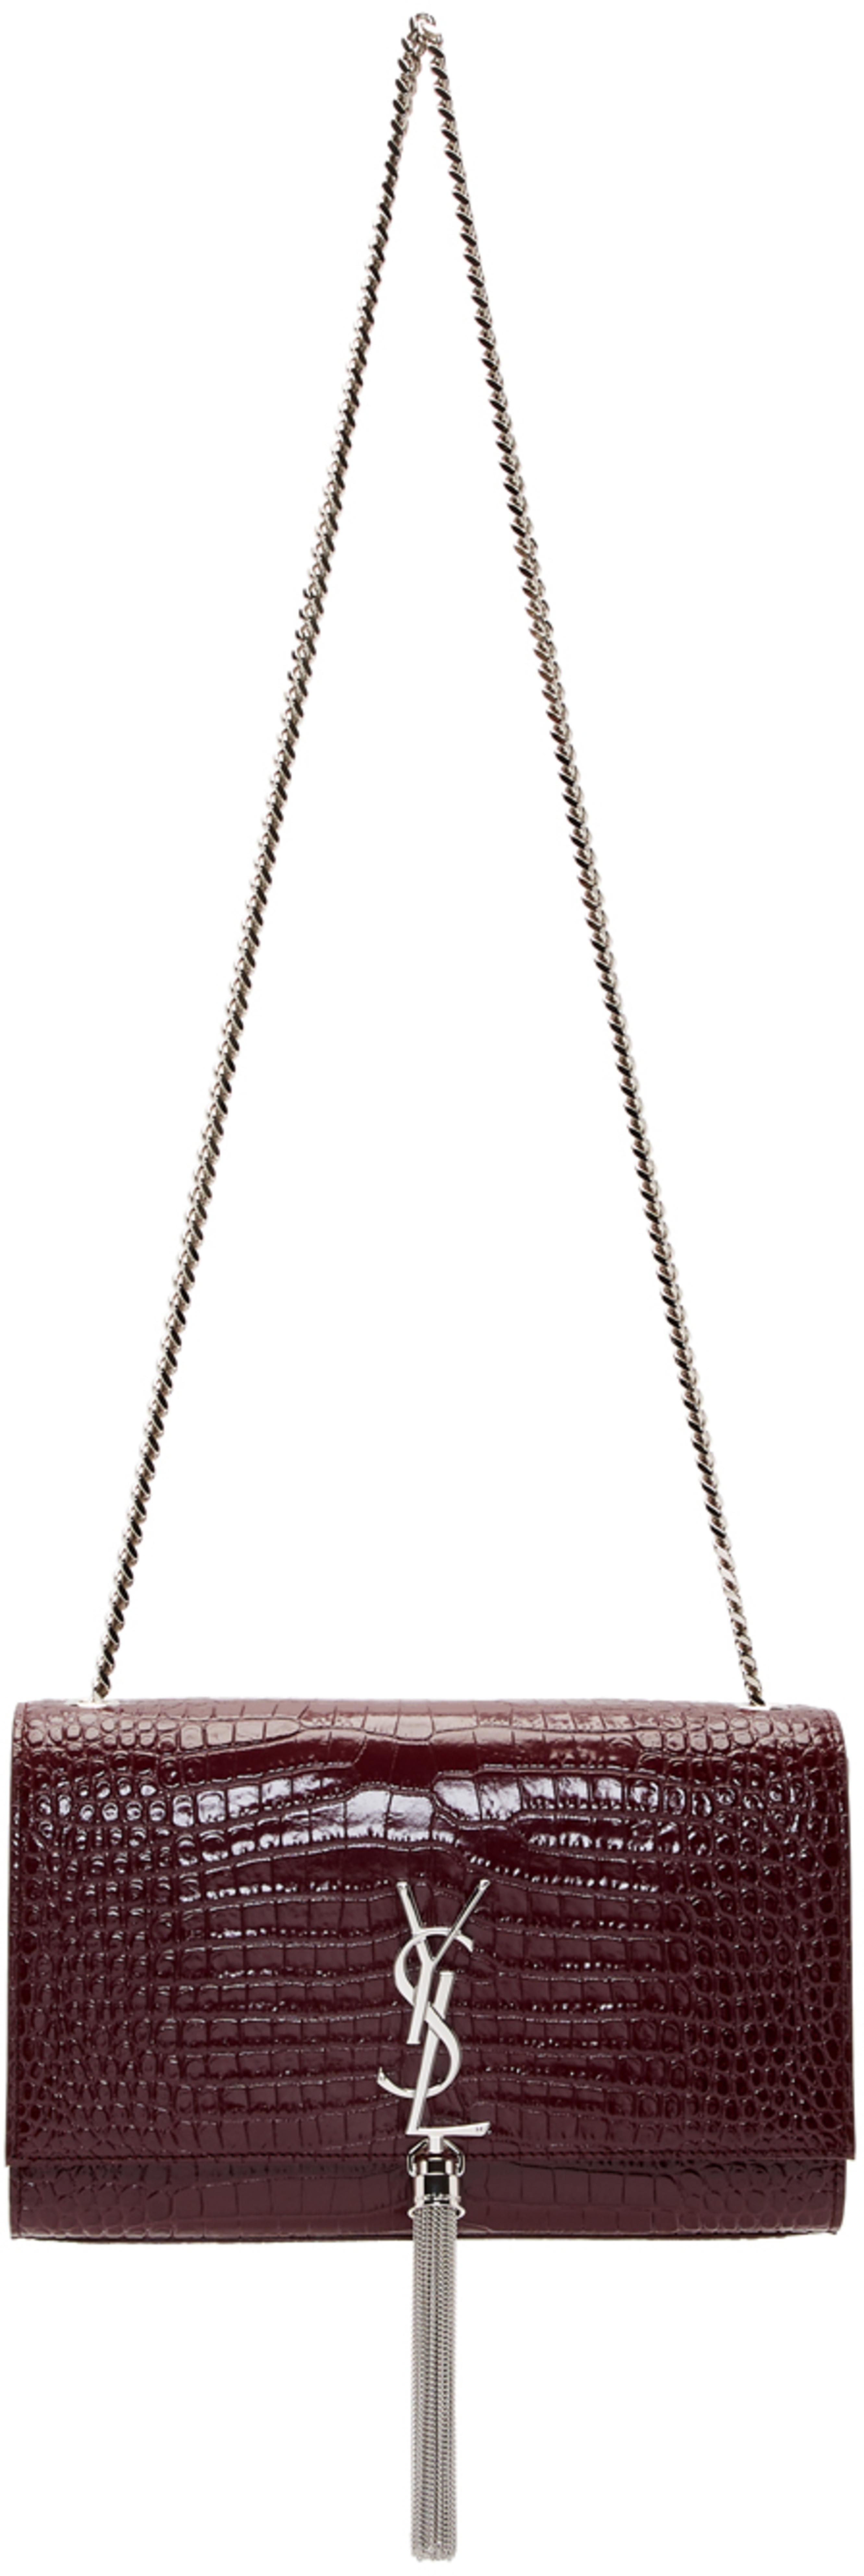 a788438d096 Saint Laurent bags for Women | SSENSE